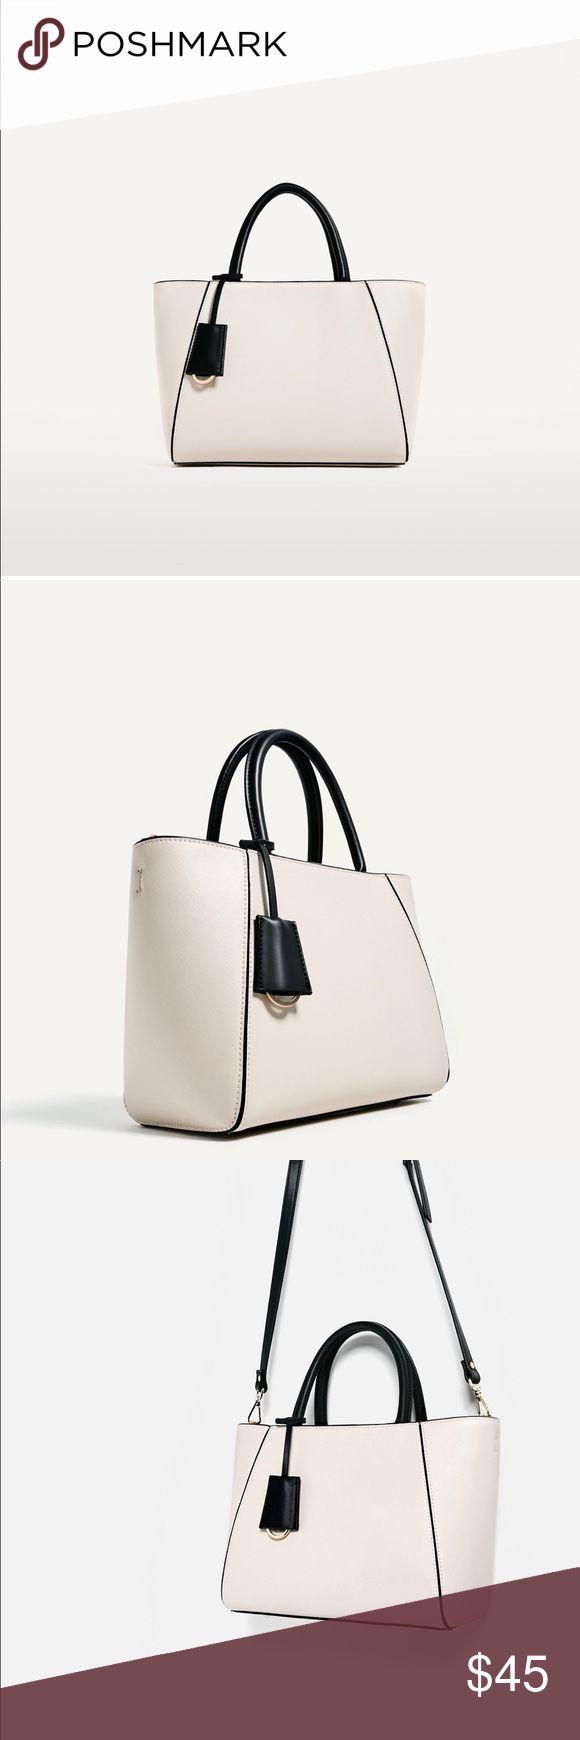 """Zara tote bag H:8.6"""", W:12.9"""", Depth: 5.9"""" Zara Bags Totes"""